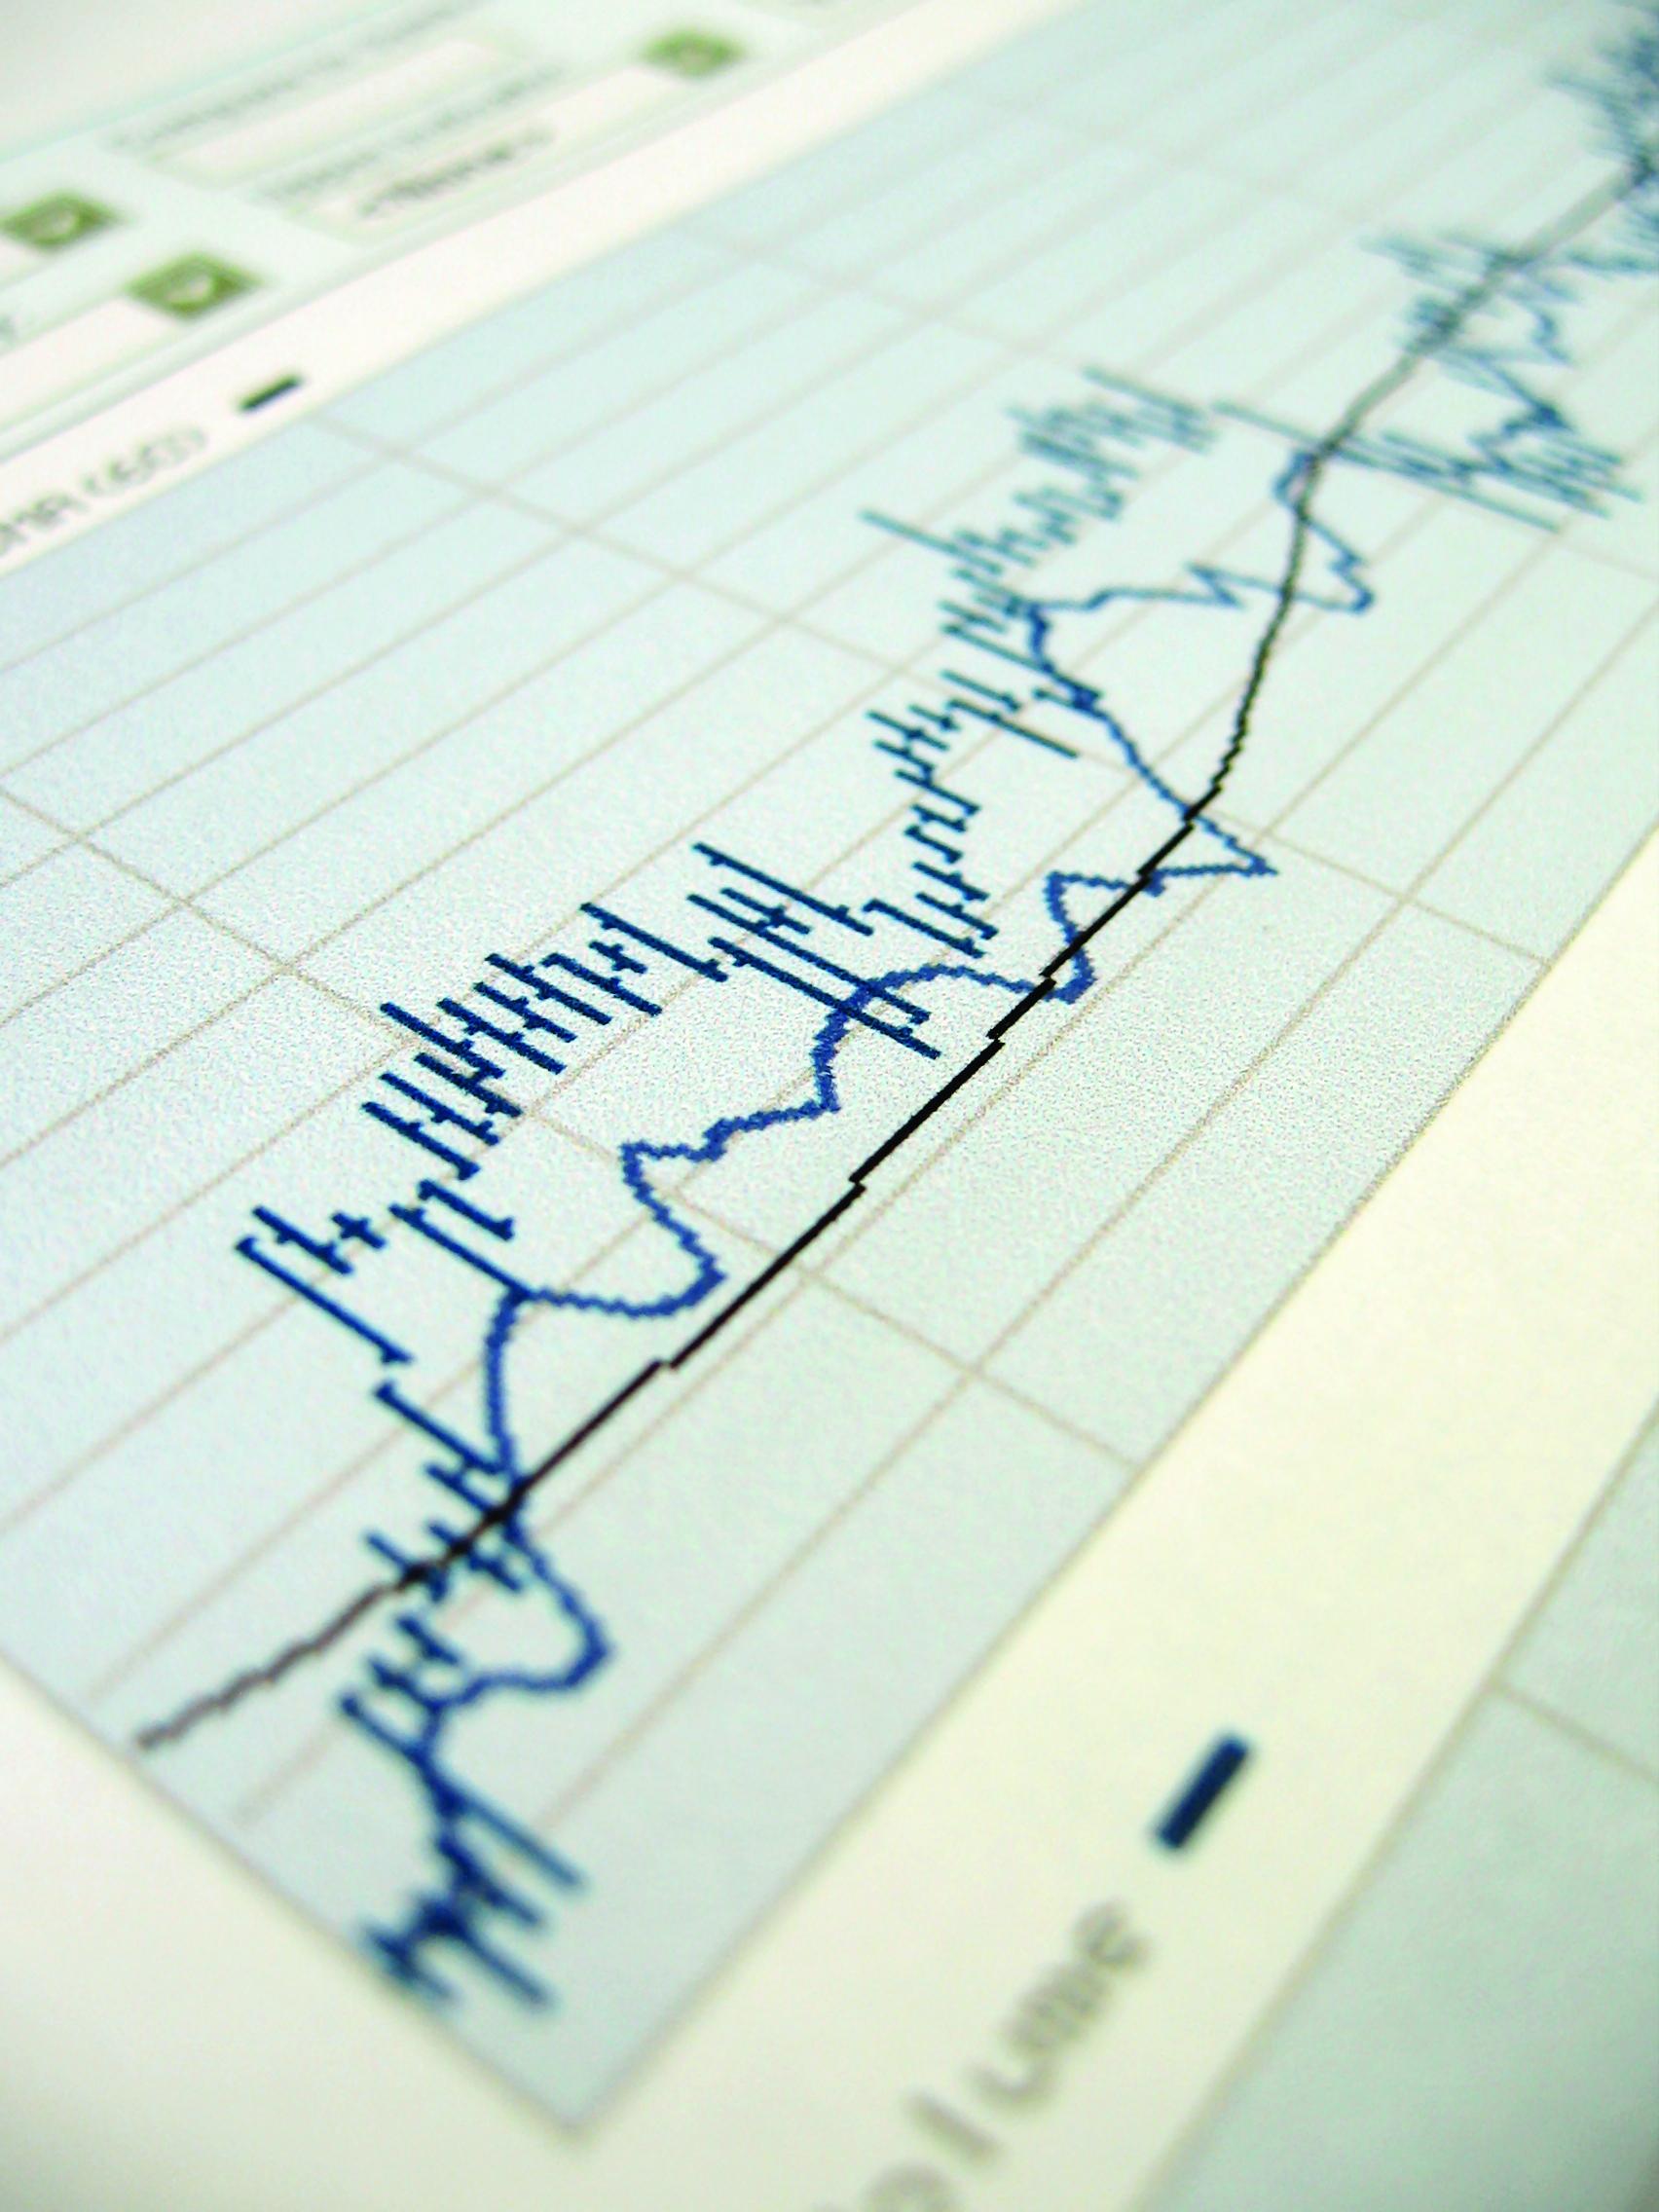 Aksjemarkedets svingninger